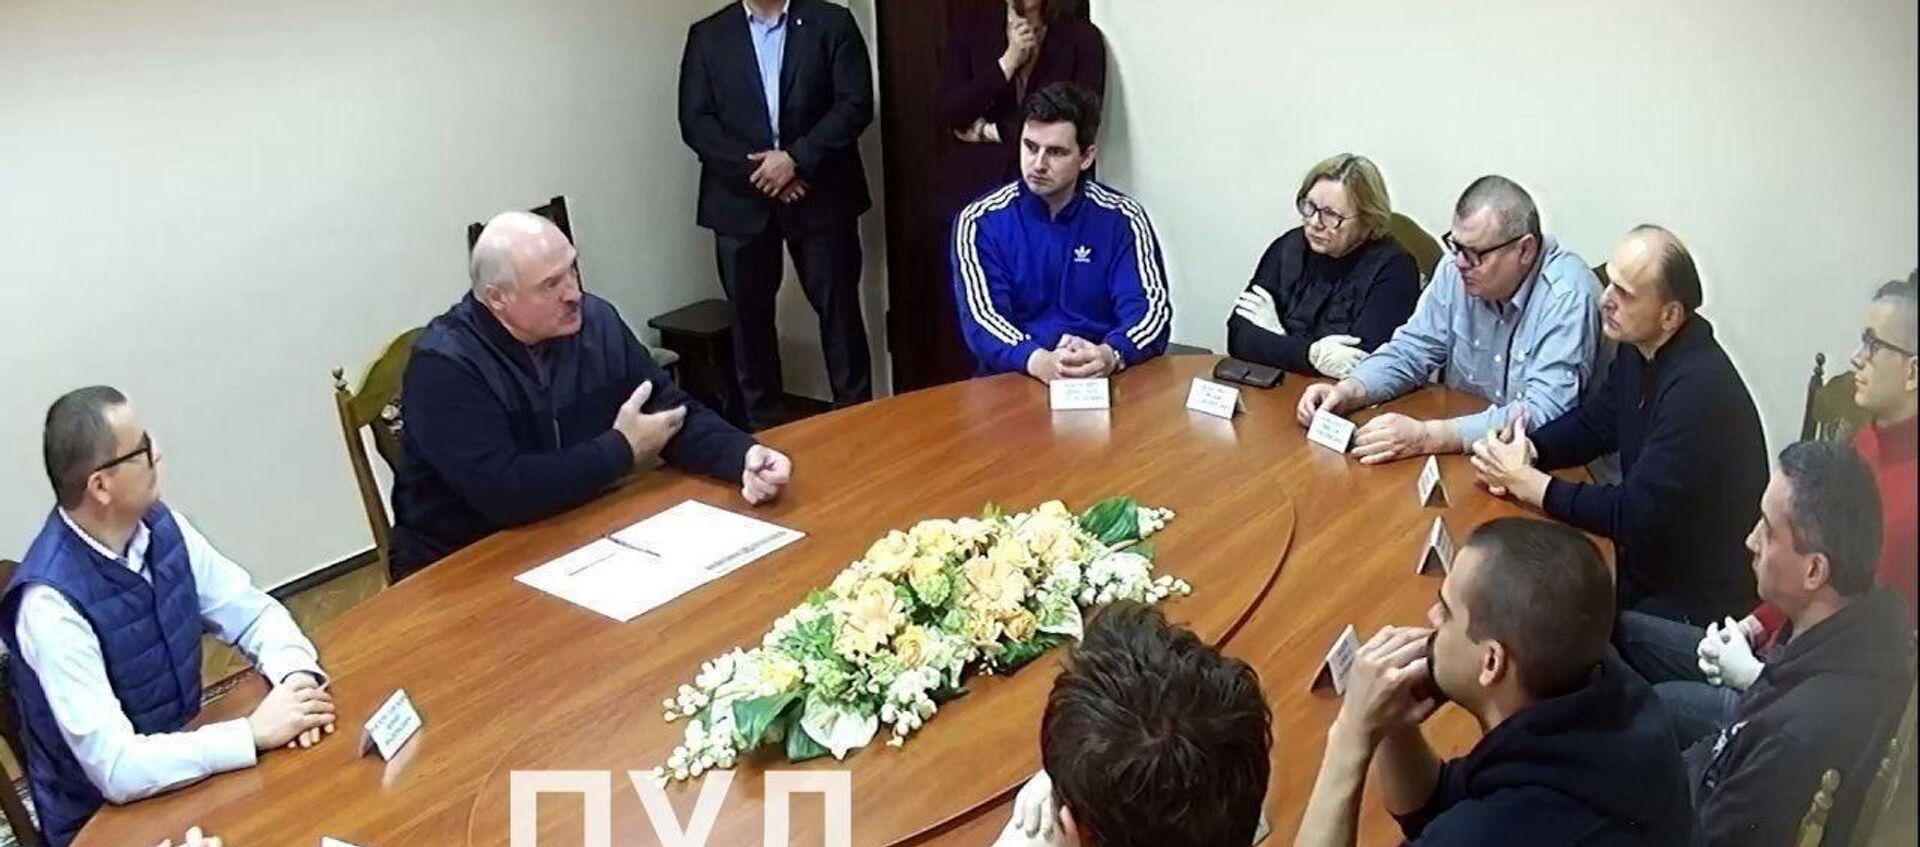 Президент Беларуси Александр Лукашенко посетил СИЗО КГБ, где под арестом находятся Бабарико и другие фигуранты уголовных дел, возбужденных после выборов - Sputnik Беларусь, 1920, 13.10.2020